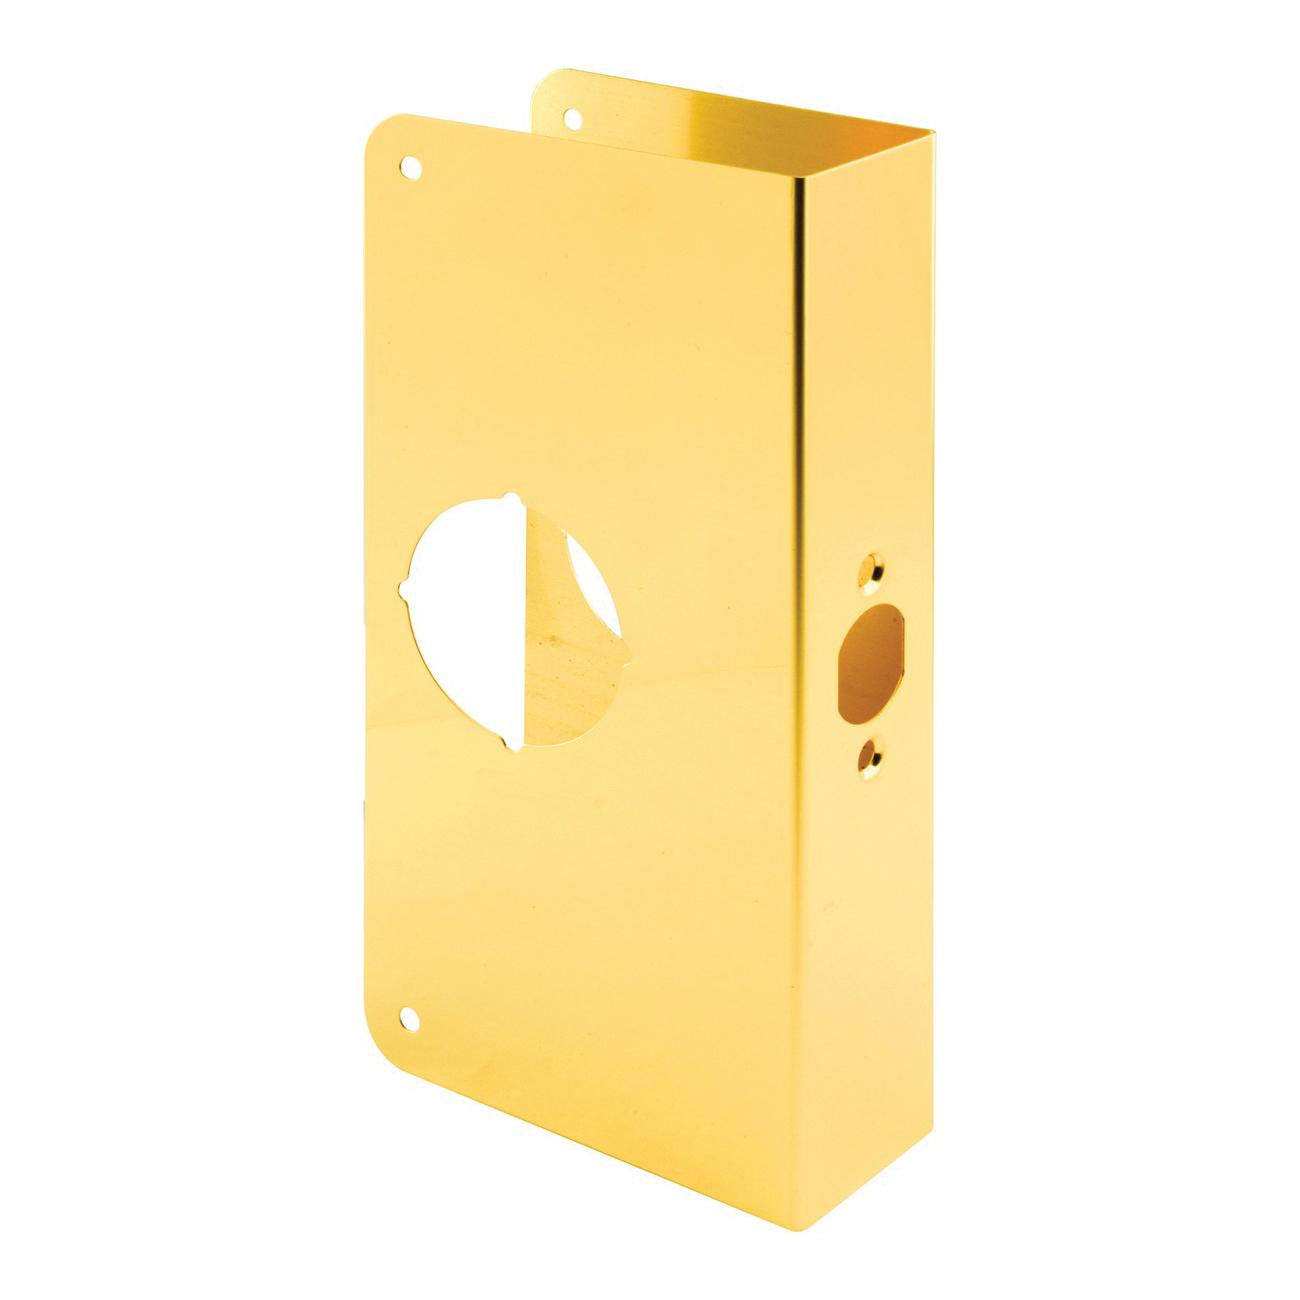 Picture of Prime-Line U 9549 Lock and Door Reinforcer, 2-3/4 in Backset, 1-3/8 in Thick Door, Brass, Brass, 9 in H